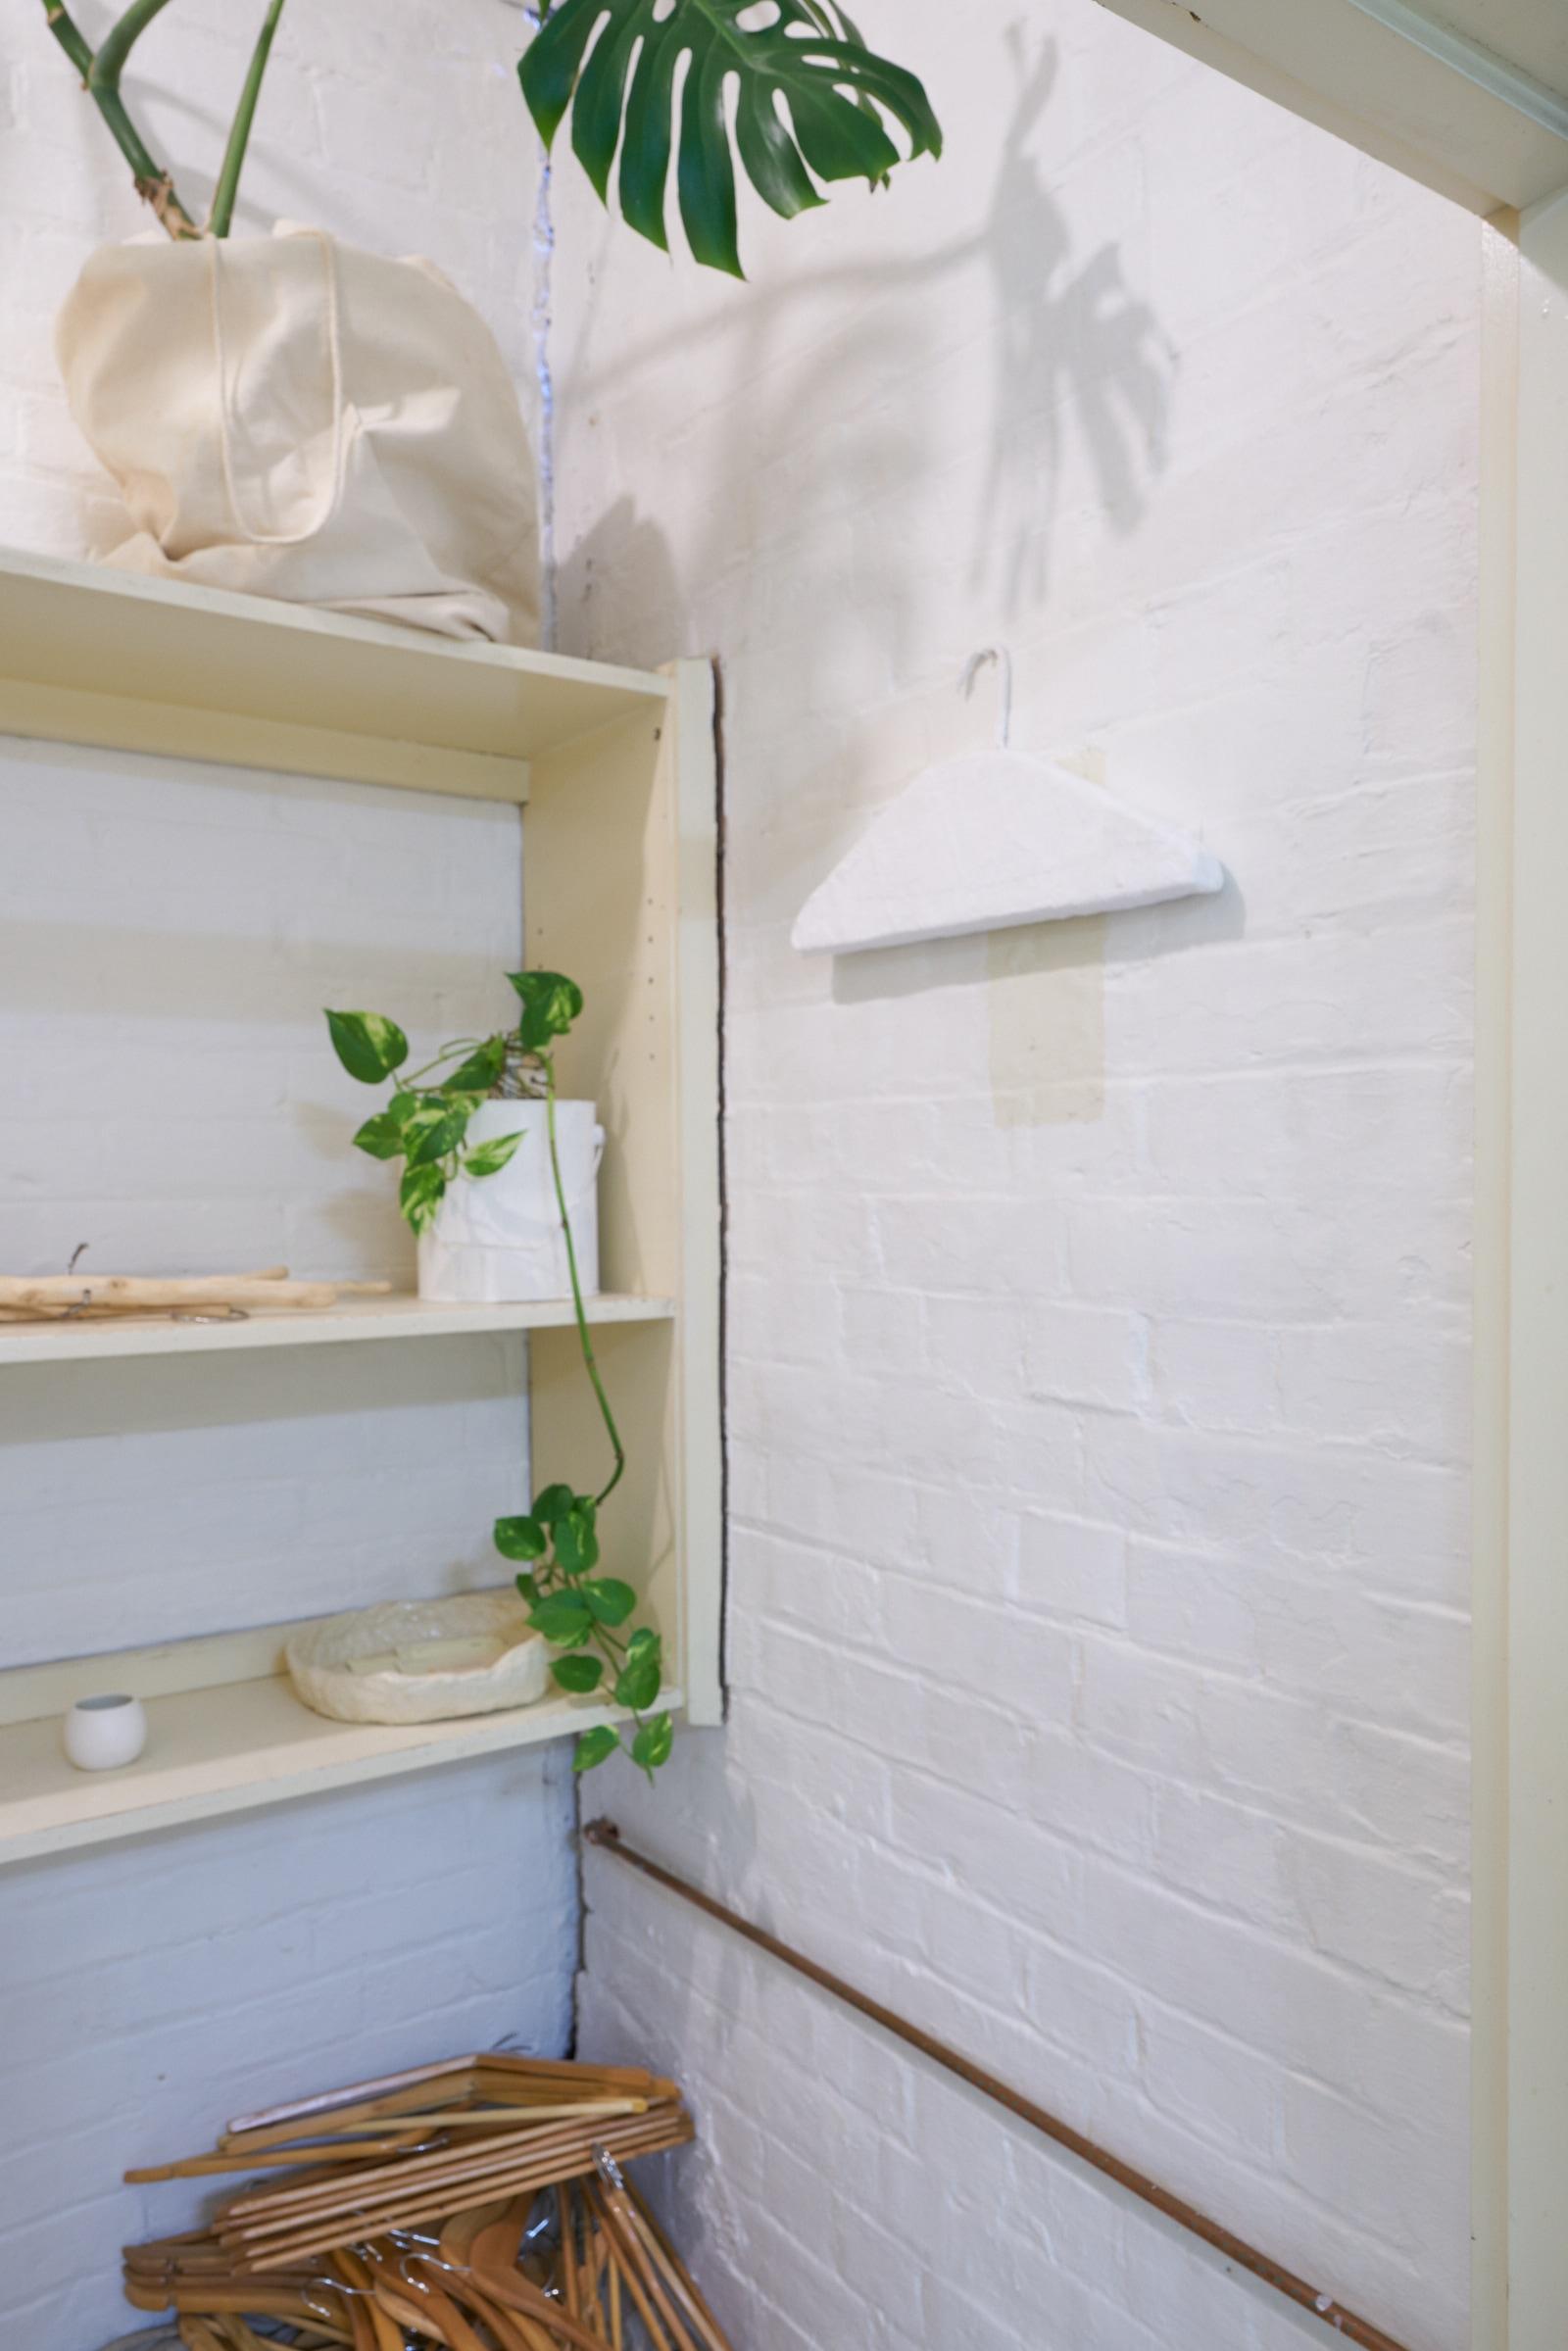 A flat shop_hangers install_20.jpg